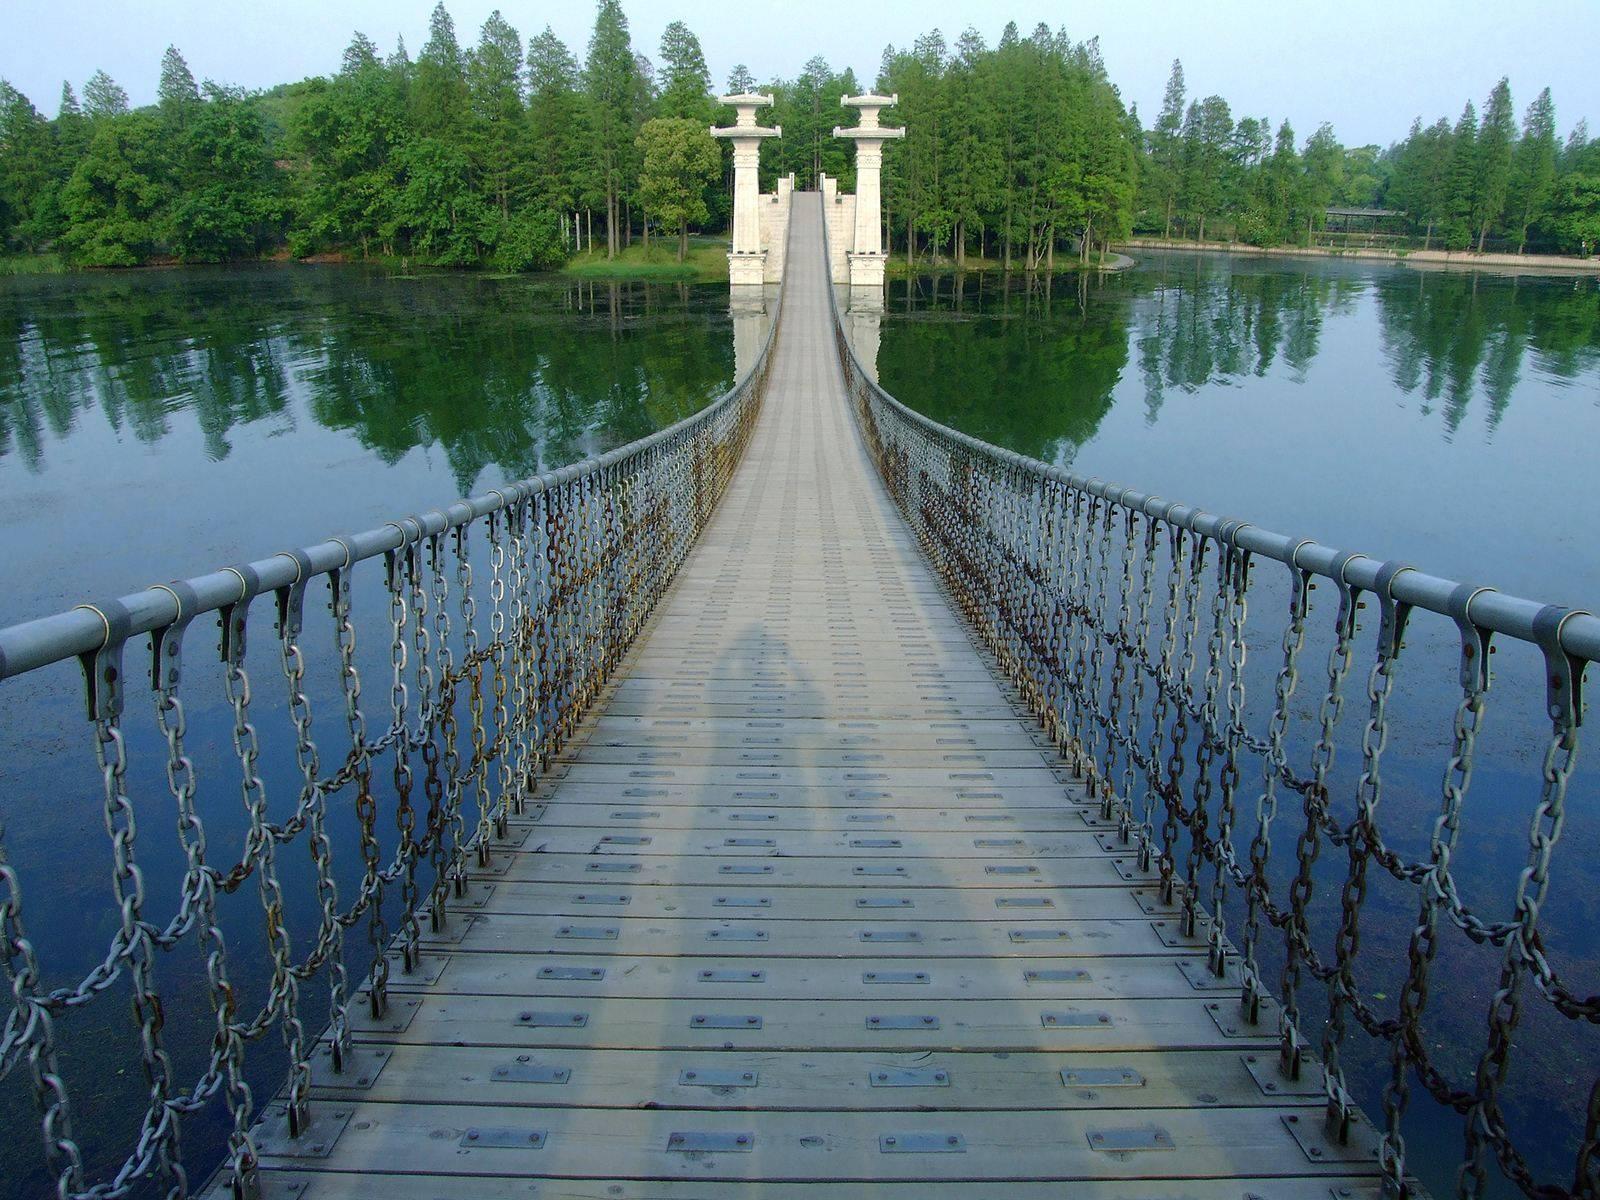 该湖在湖北大受欢迎,是首批国家重点景